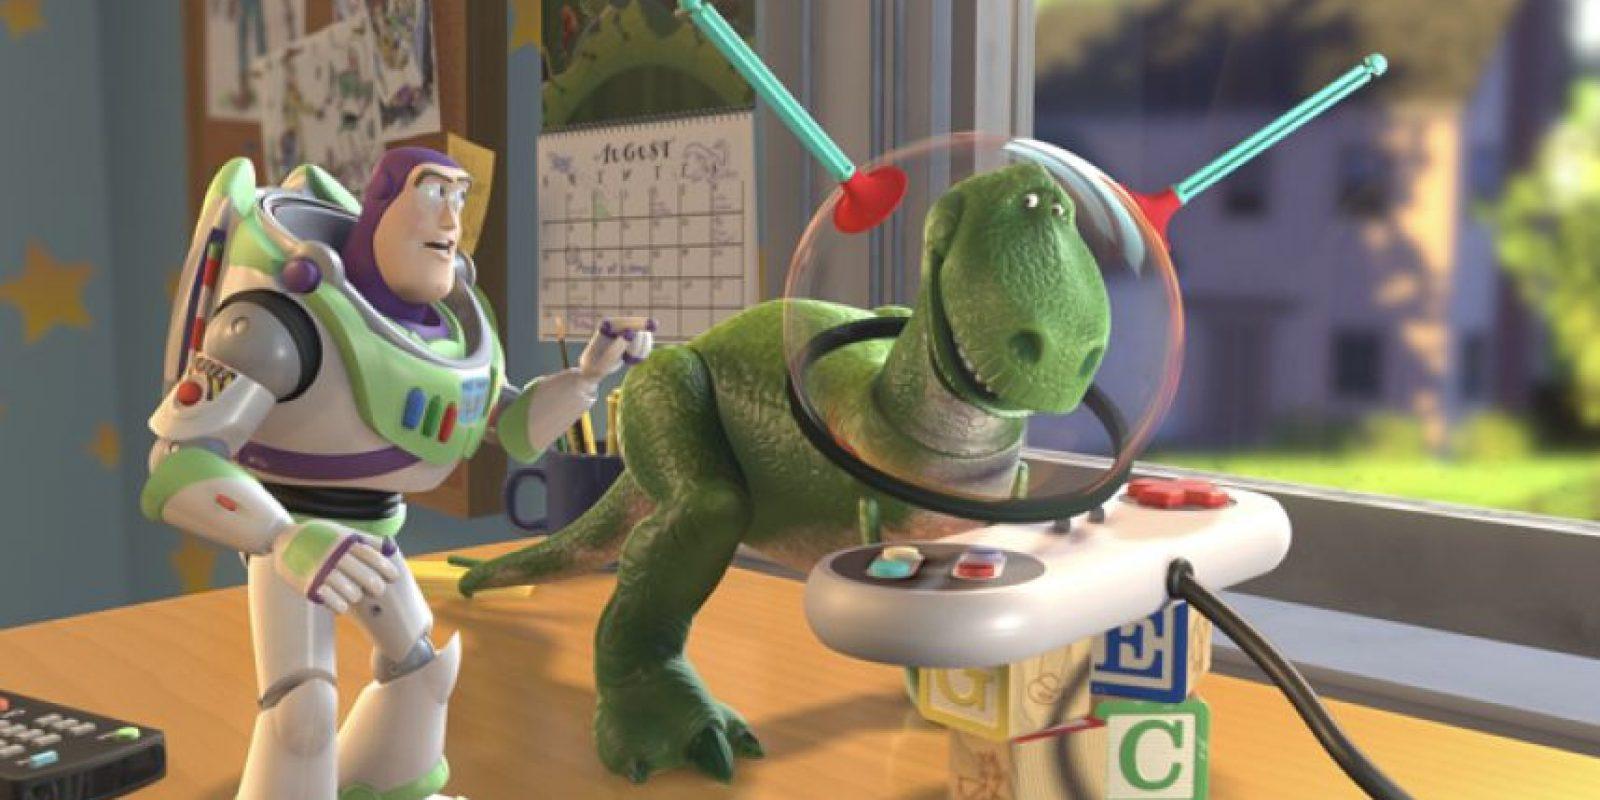 La primera parte fue estrenada en 1995 Foto:Facebook Toy Story